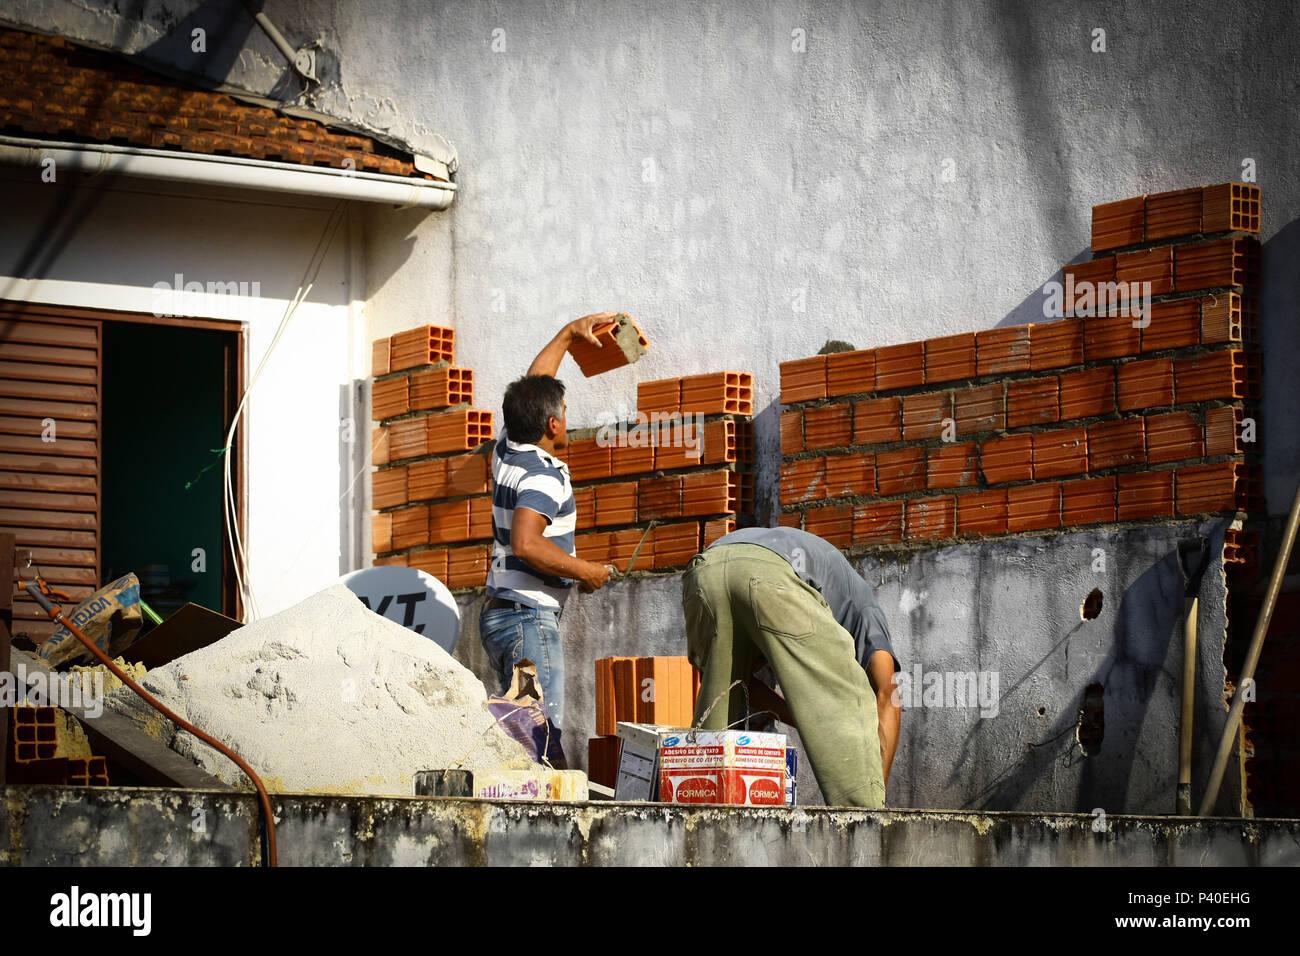 Em construção Pedreiros levantando parede de tijolos. Foto de stock